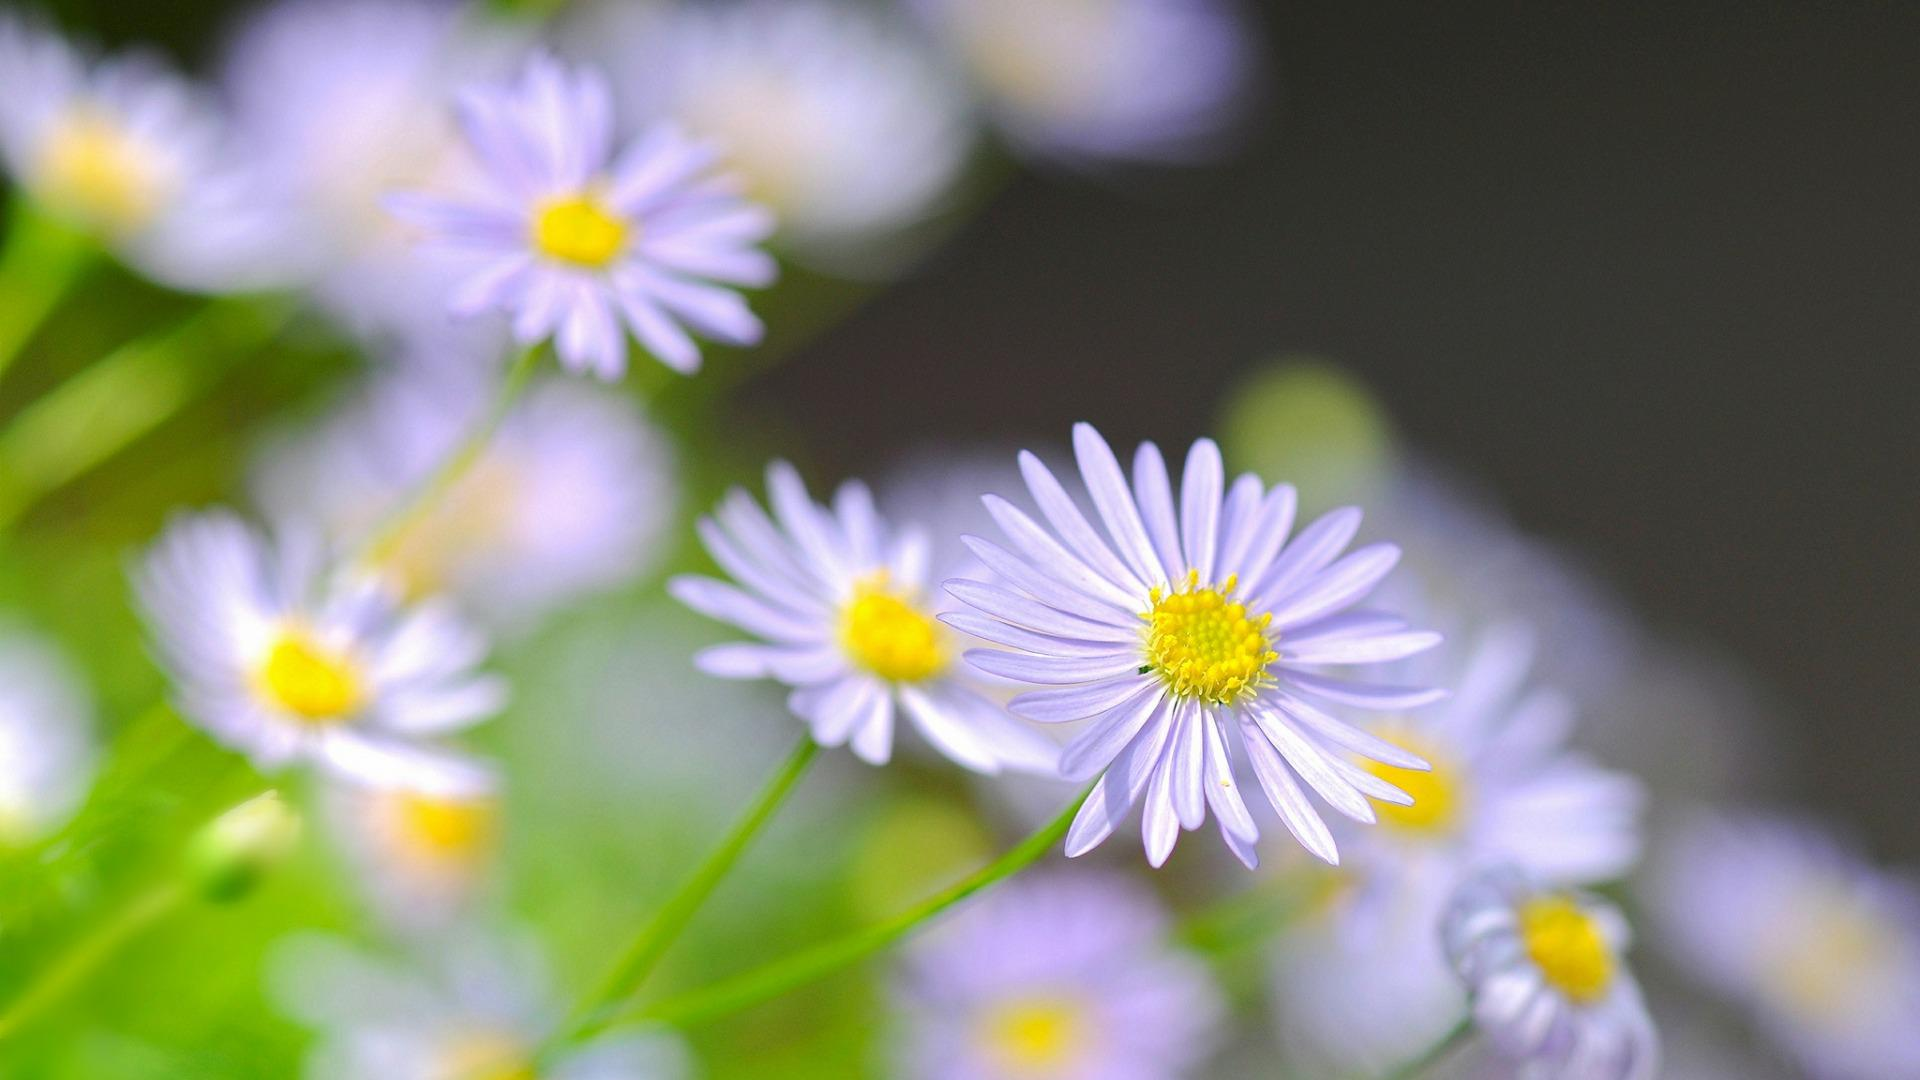 清新植物花卉摄影高清宽屏壁纸图片